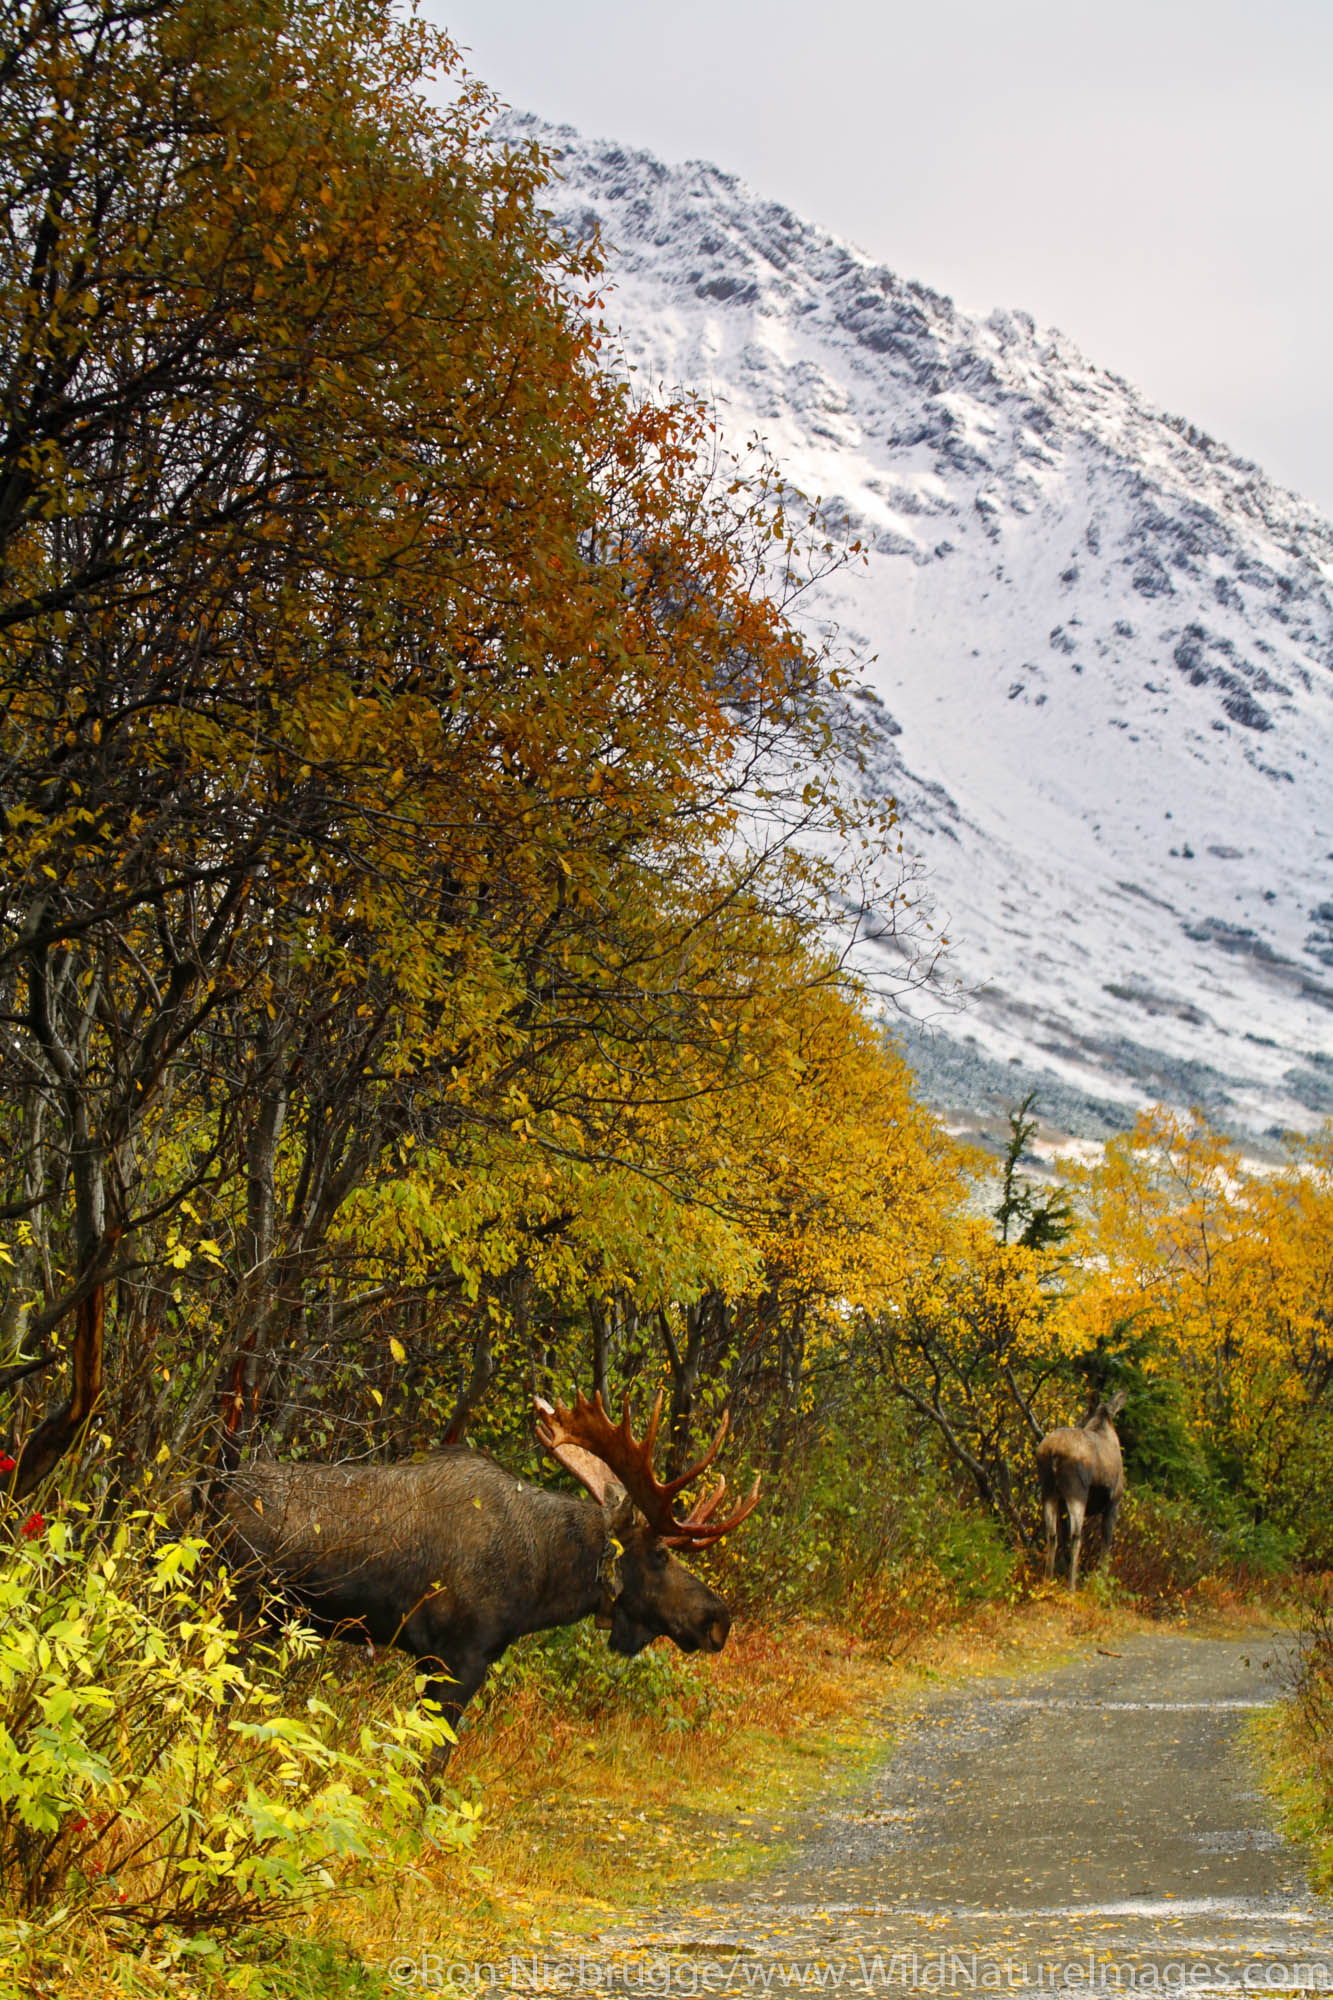 A Bull Moose pursues a cow during the fall rut in the Chugach Mountains, Chugach State Park, Anchorage, Alaska.